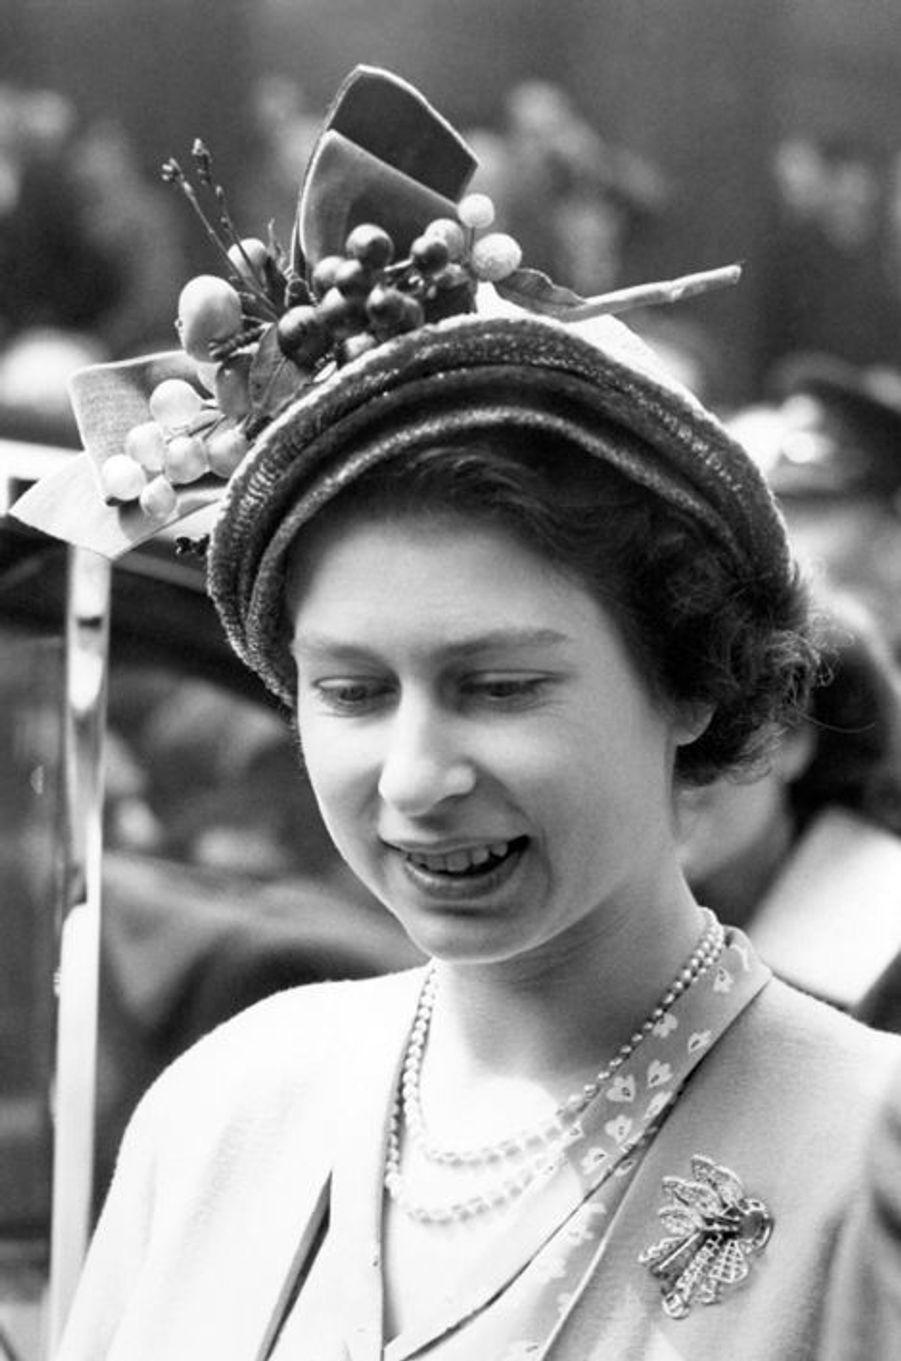 La princesse Elizabeth, le 4 mai 1949